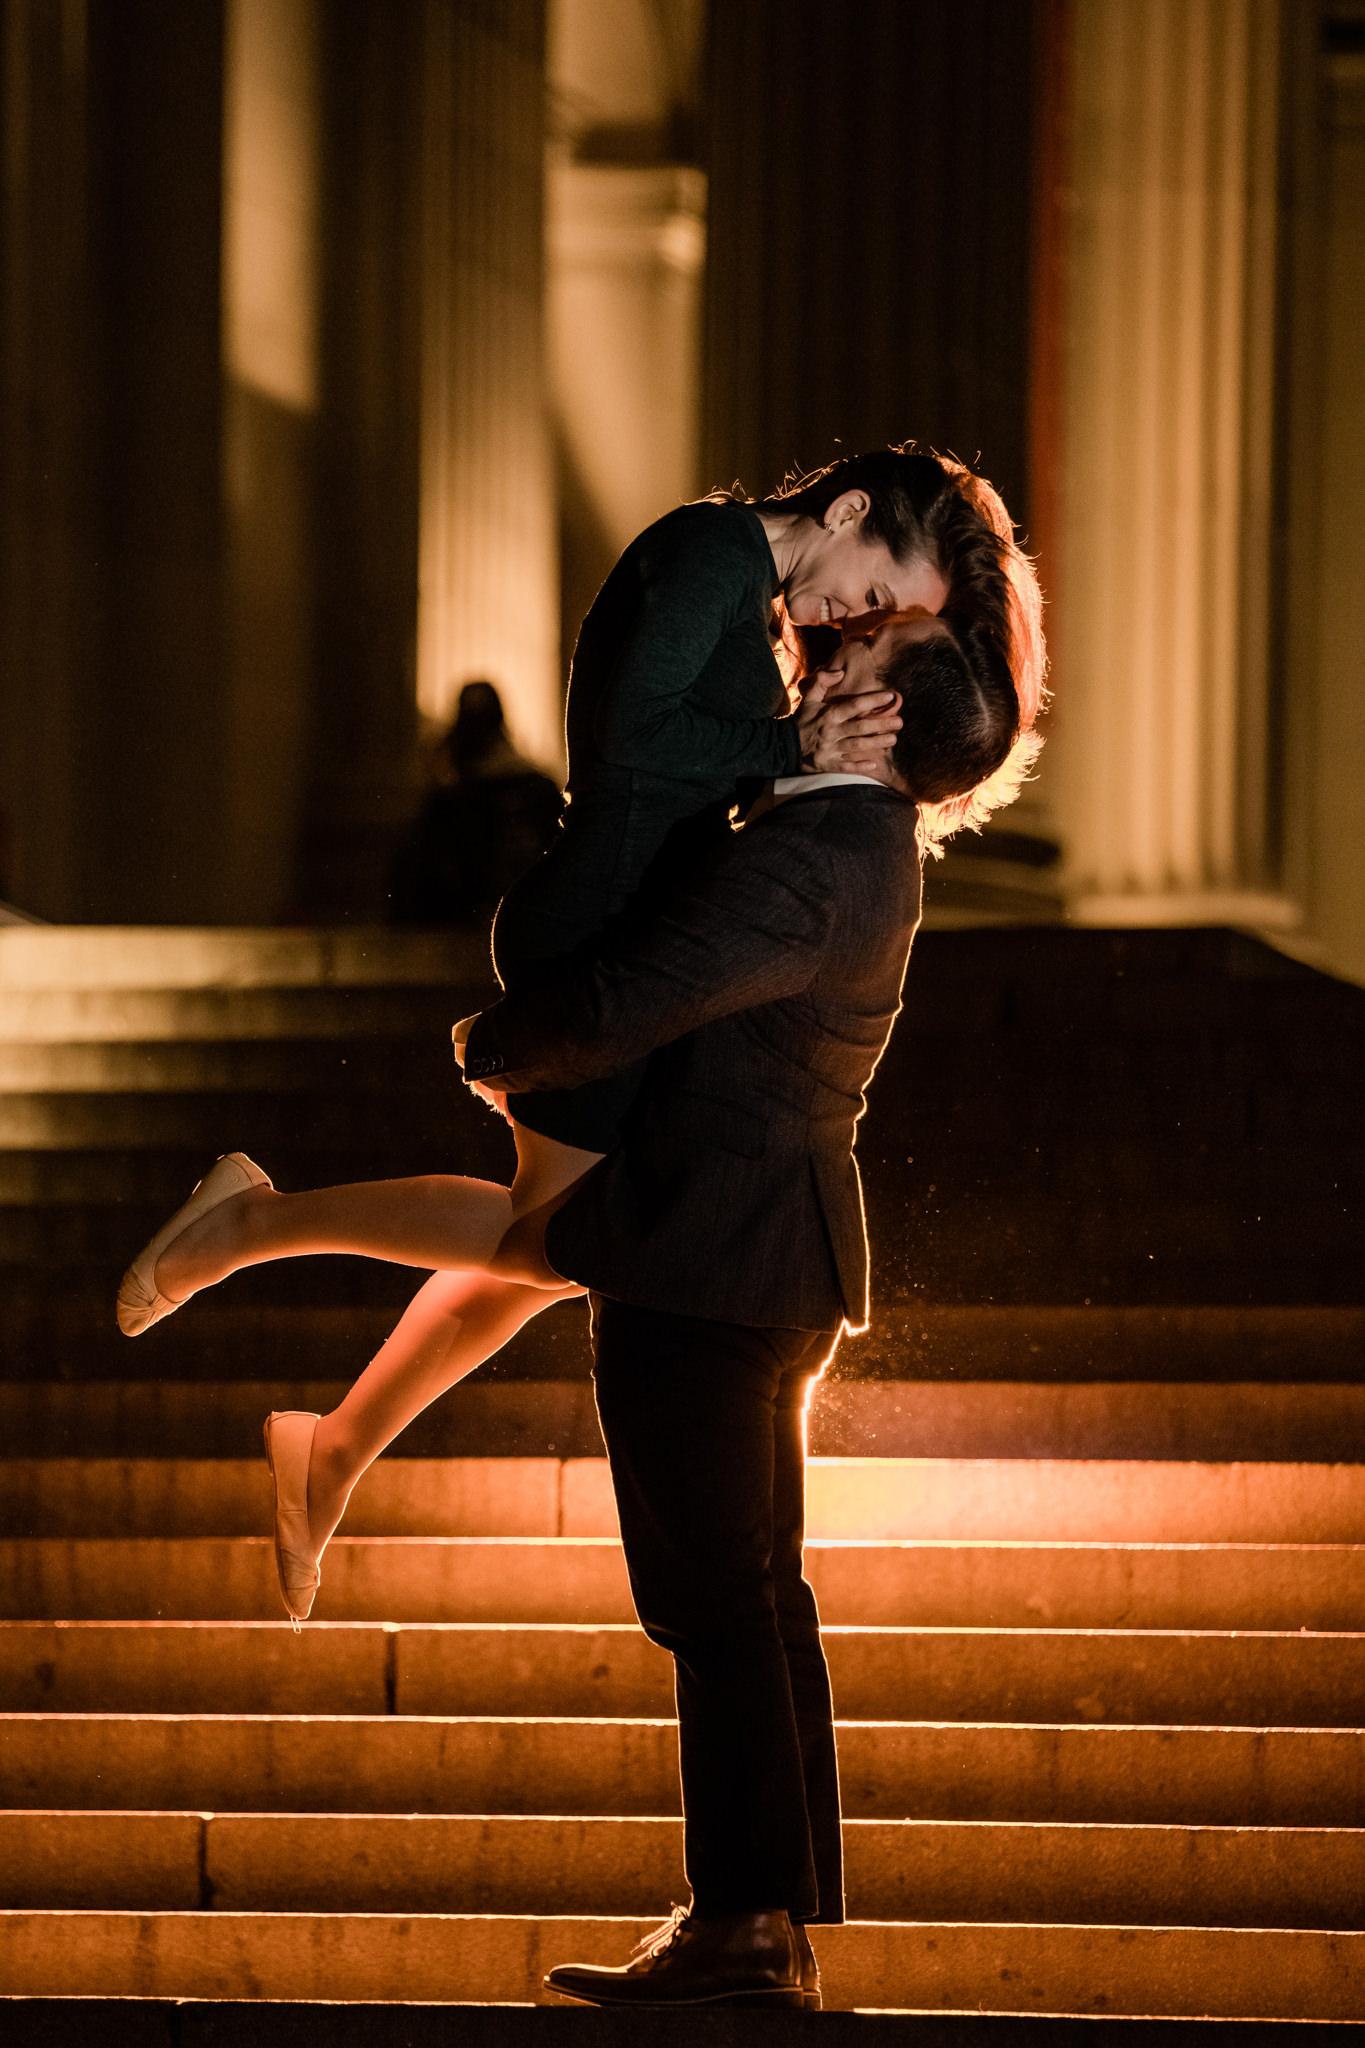 NEW_JERSEY_WEDDING_PHOTOGRAPHER_ARMZ_Z85_0763.jpg